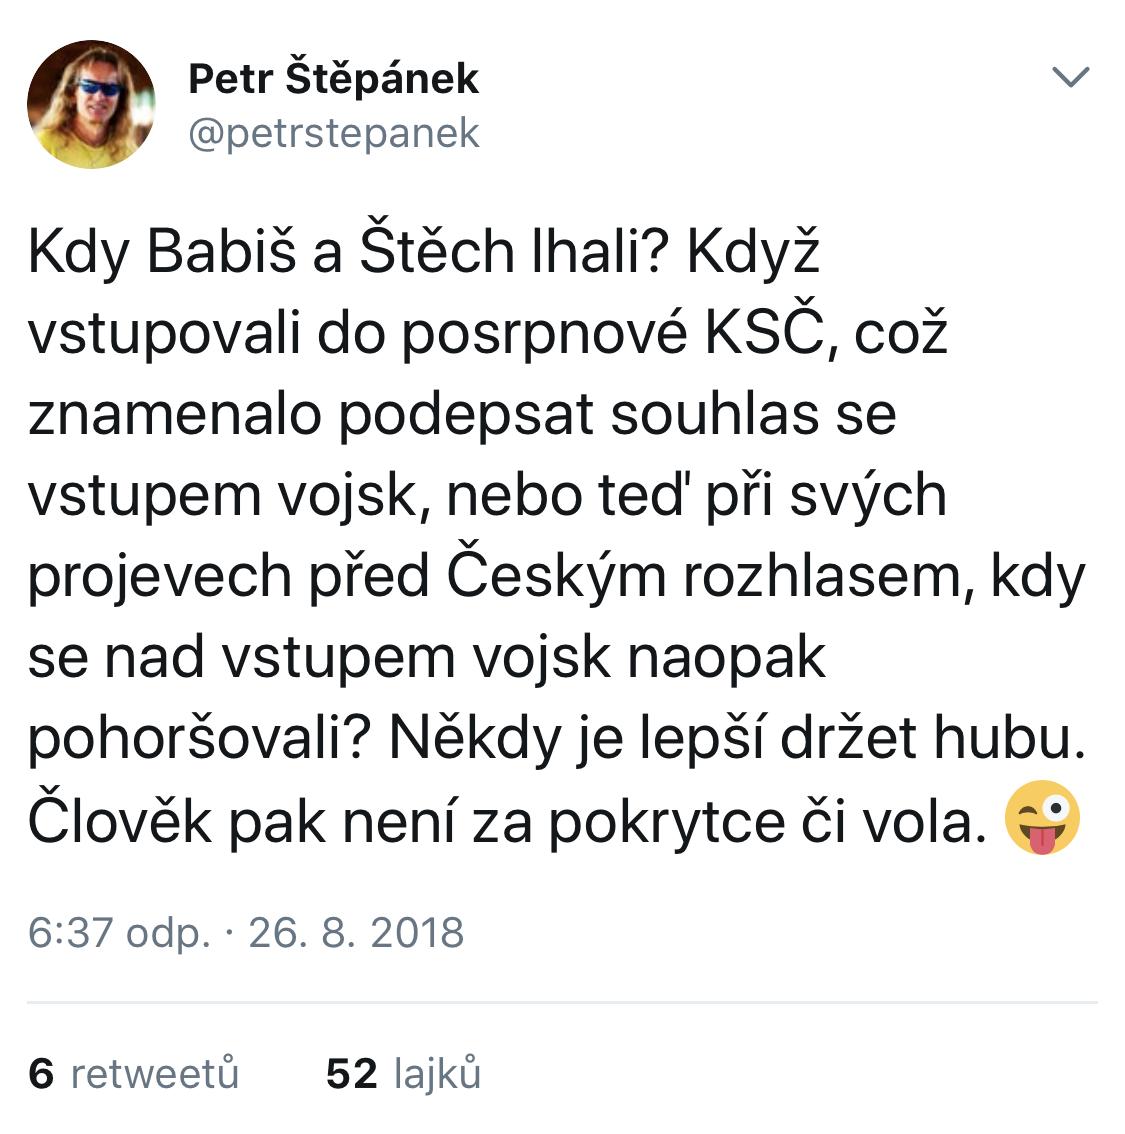 Petr Štěpánek v srpnu 2018